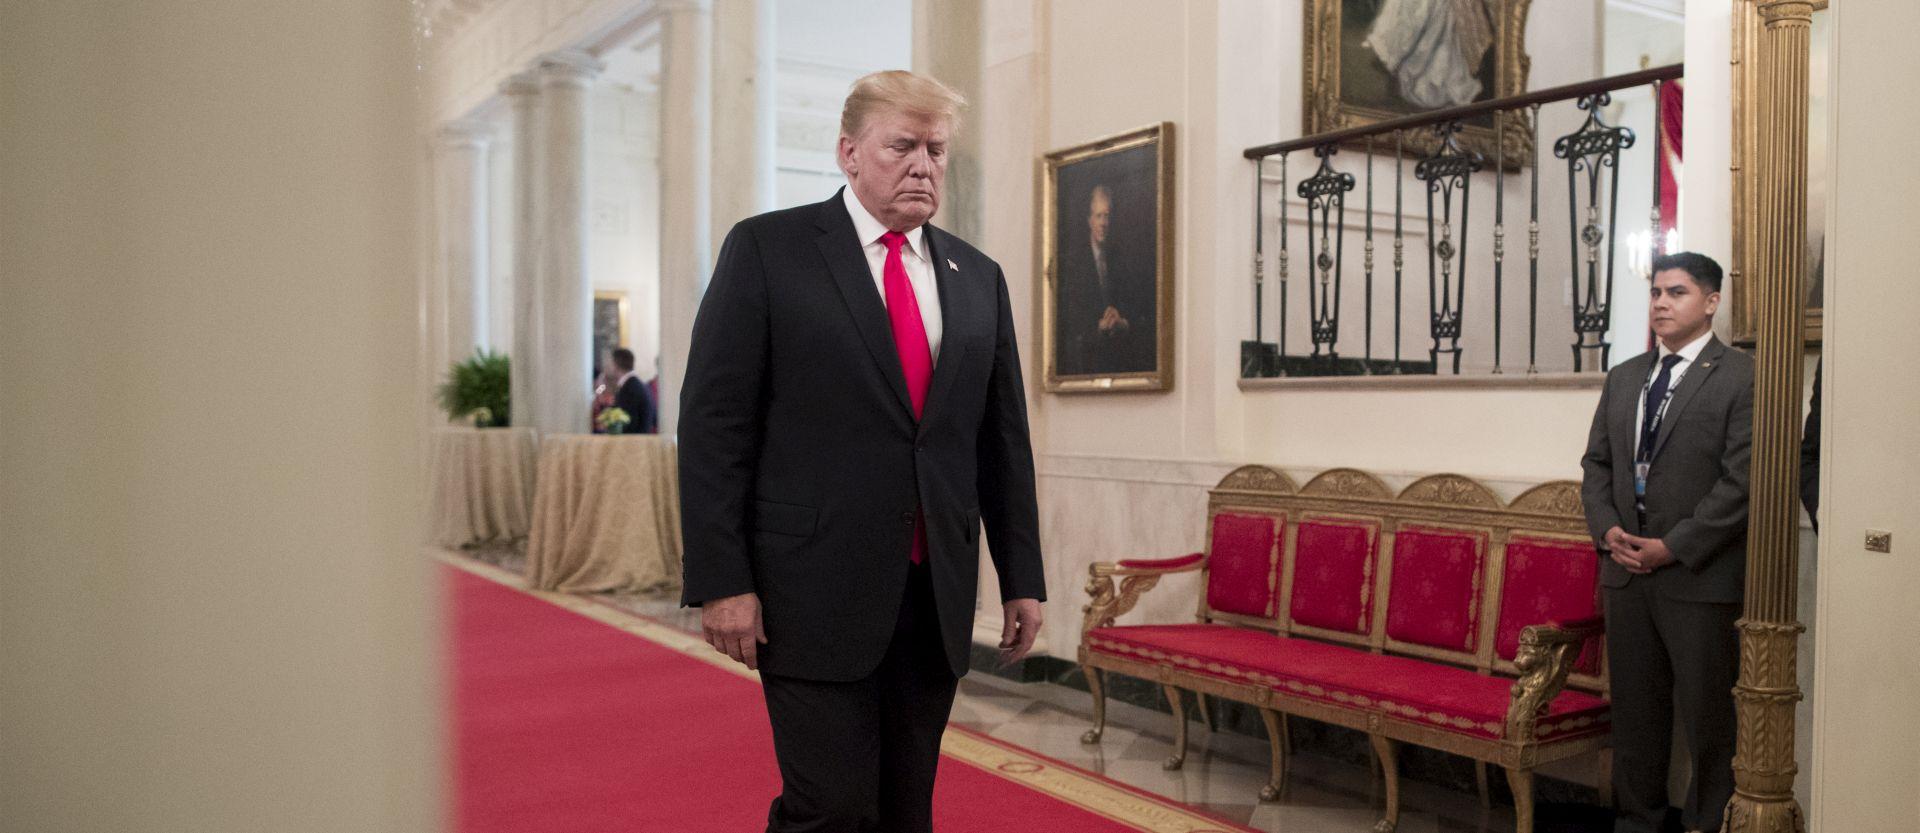 Trump ponovo u centru pažnje na Općoj skupštini UN-a